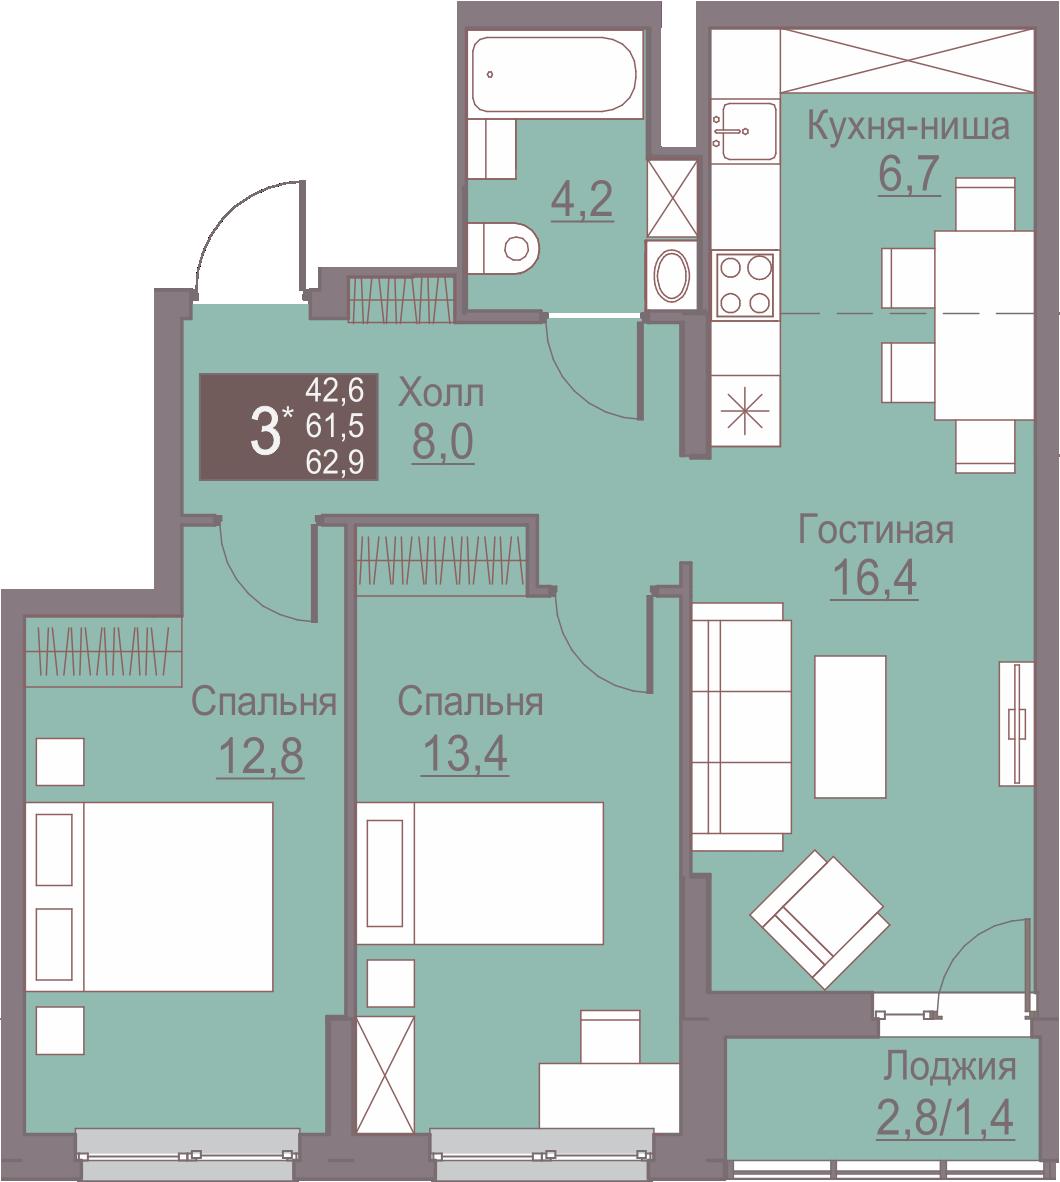 3-комнатная смарт 62.9<span>м<sup>2</sup></span>